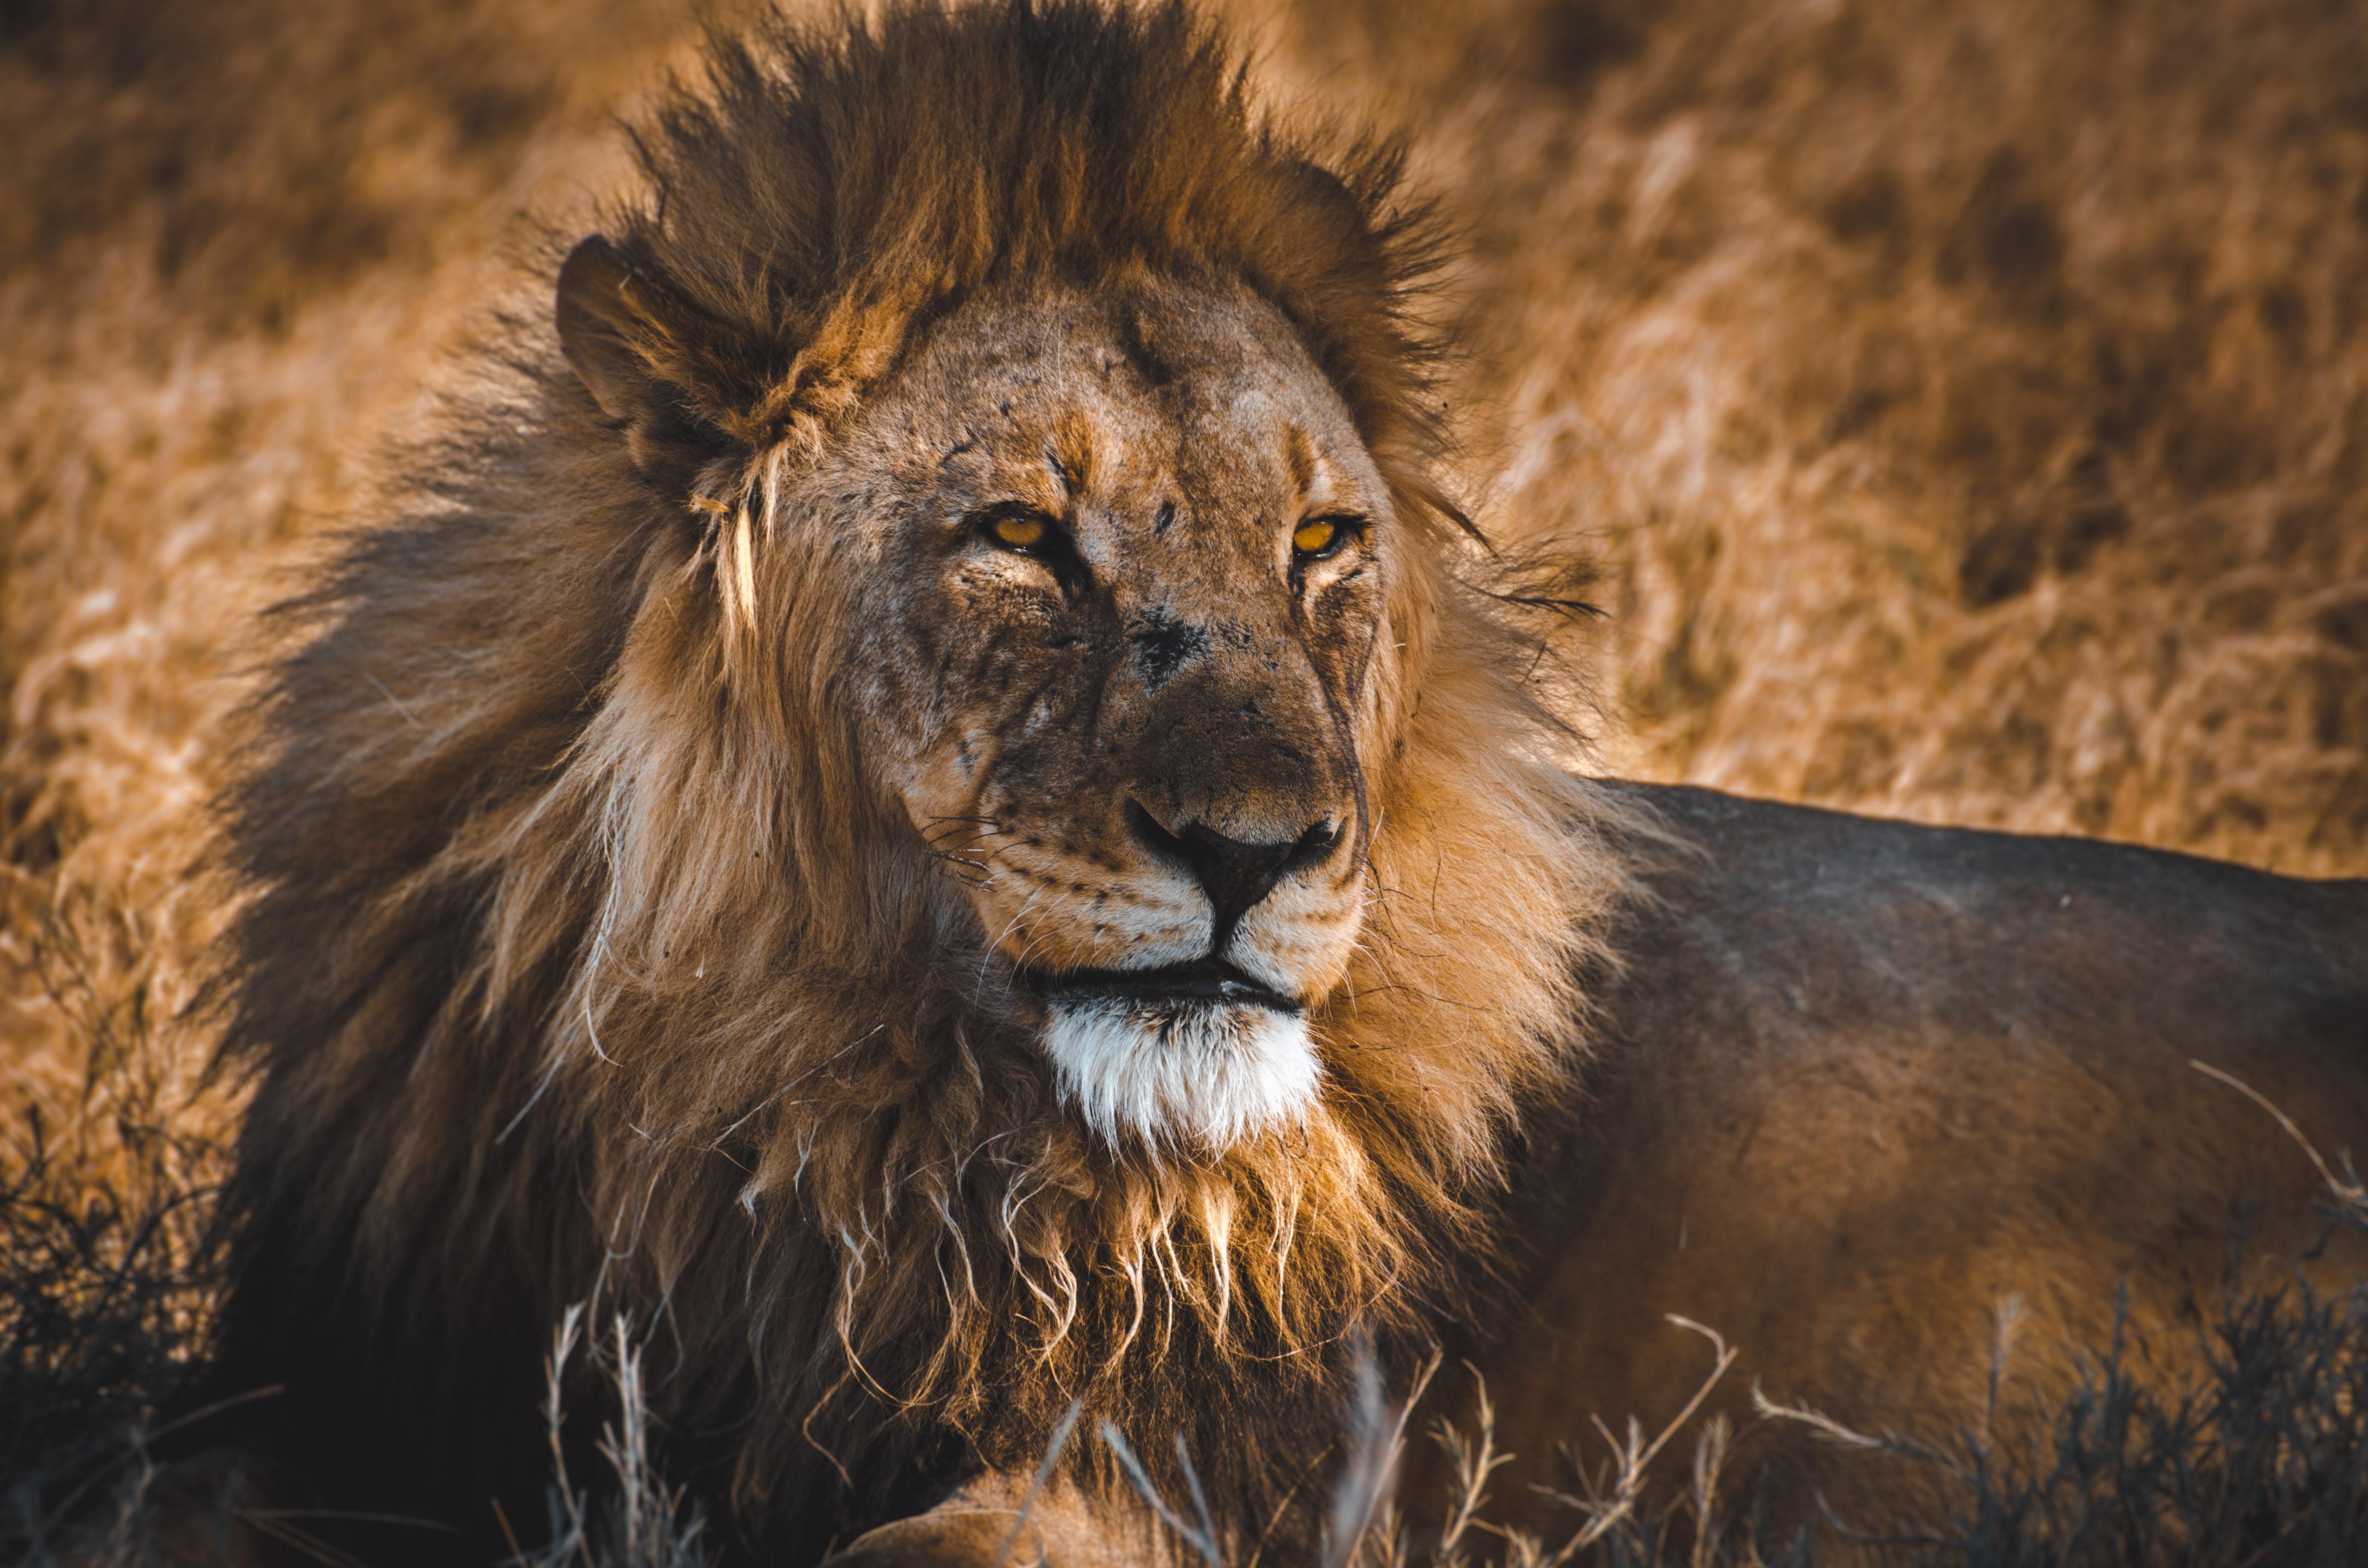 108706 Protetores de tela e papéis de parede Rei Das Feras em seu telefone. Baixe Animais, Leão, Um Leão, Predator, Predador, Gato Grande, Animais Selvagens, Vida Selvagem, Rei Das Feras, Rei Das Bestas fotos gratuitamente